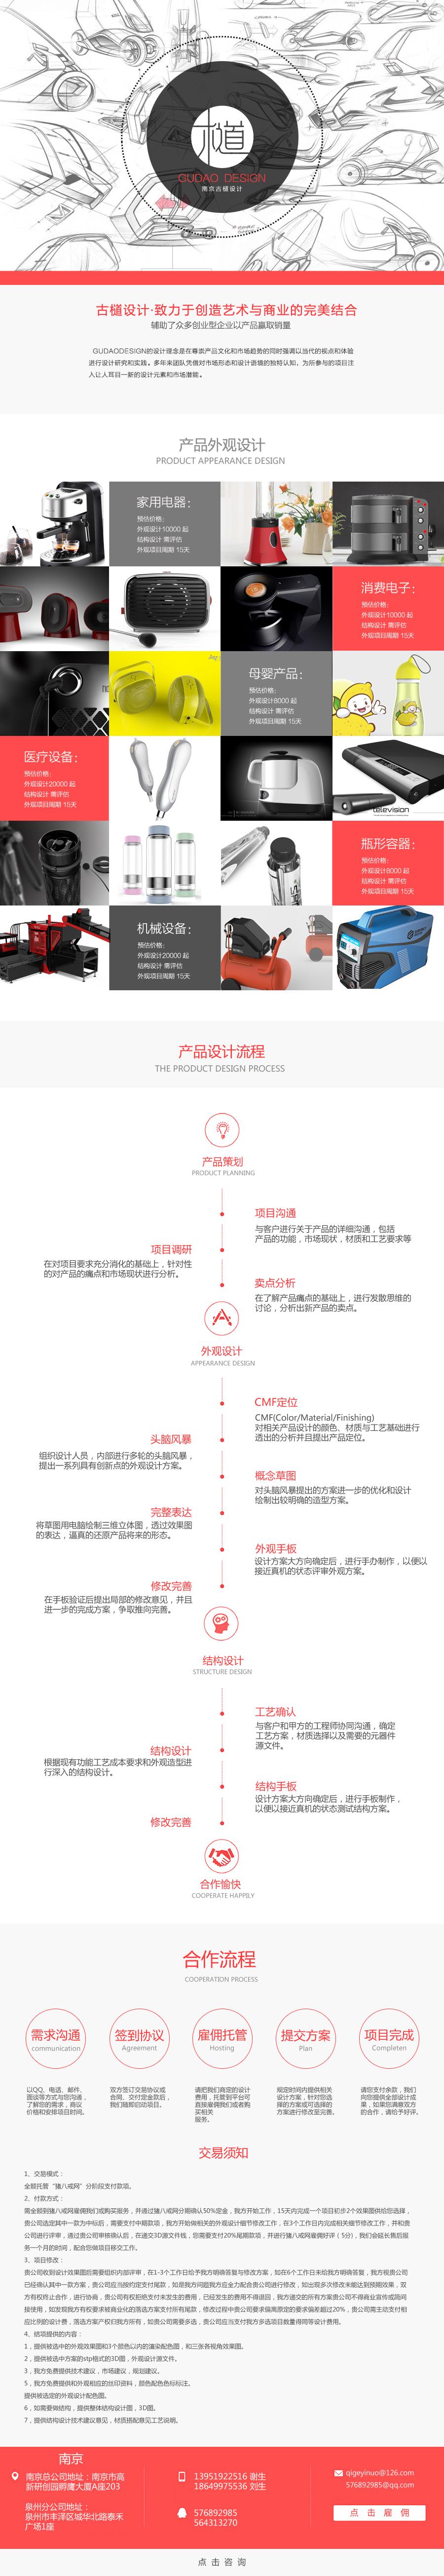 产品设计_工业设计/产品外观设计/产品造型设计/GudaoDesign1